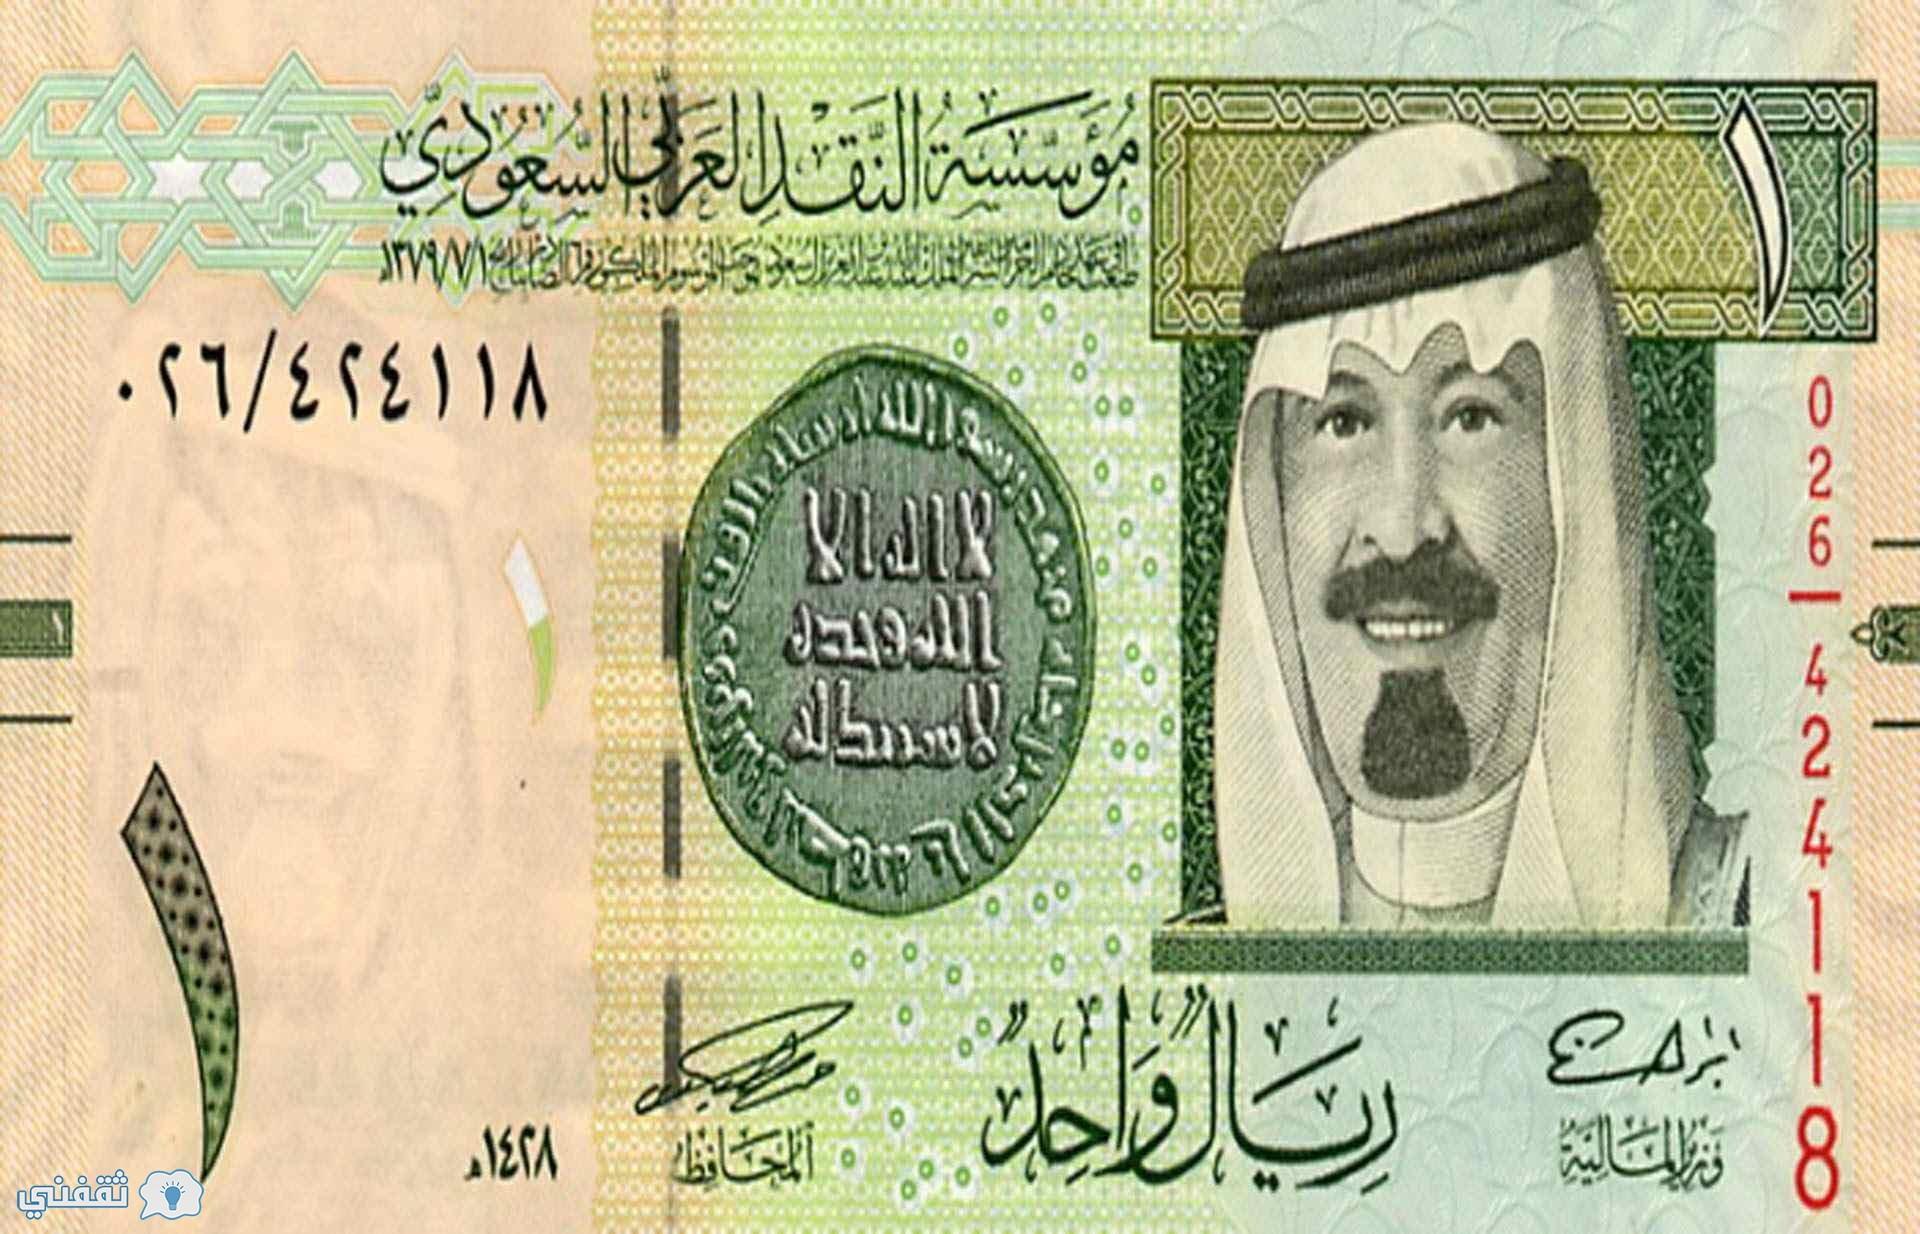 سعر الريال السعودي اليوم الجمعة 24/2/2017 في البنوك